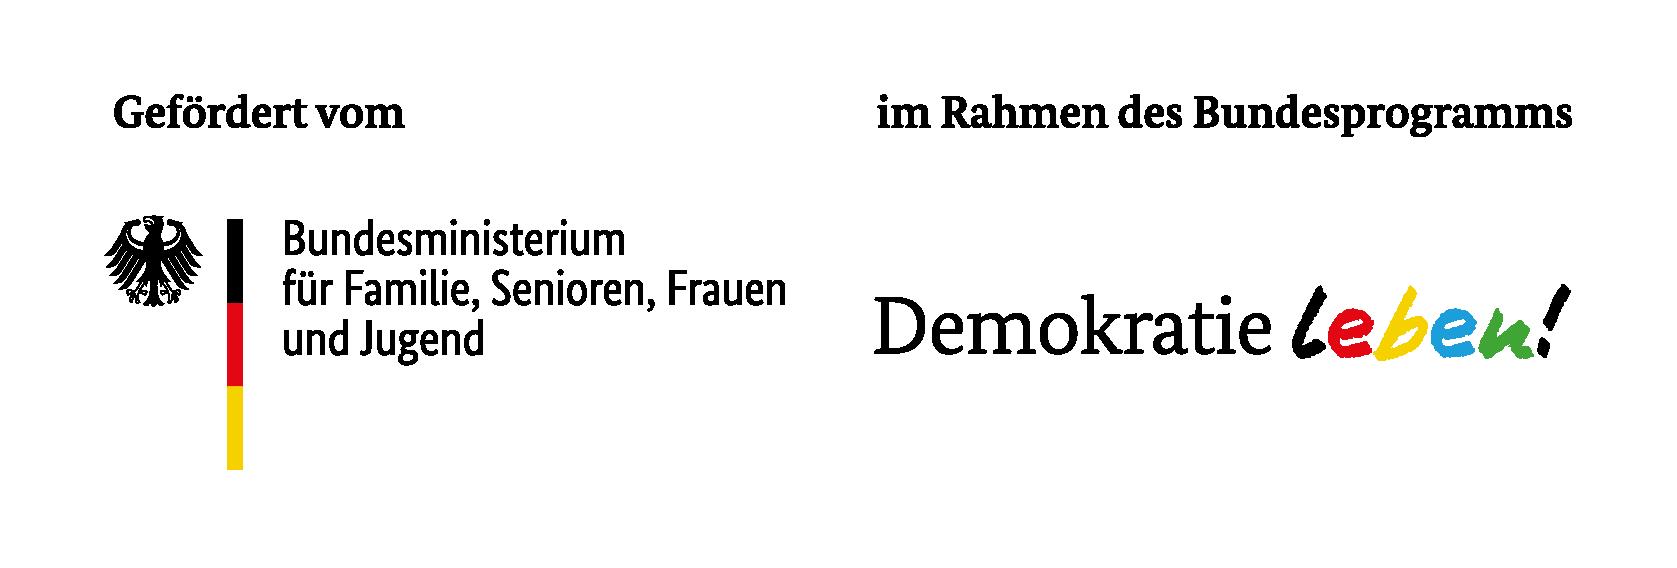 Logos BMFSFJ_Demokratue Leben